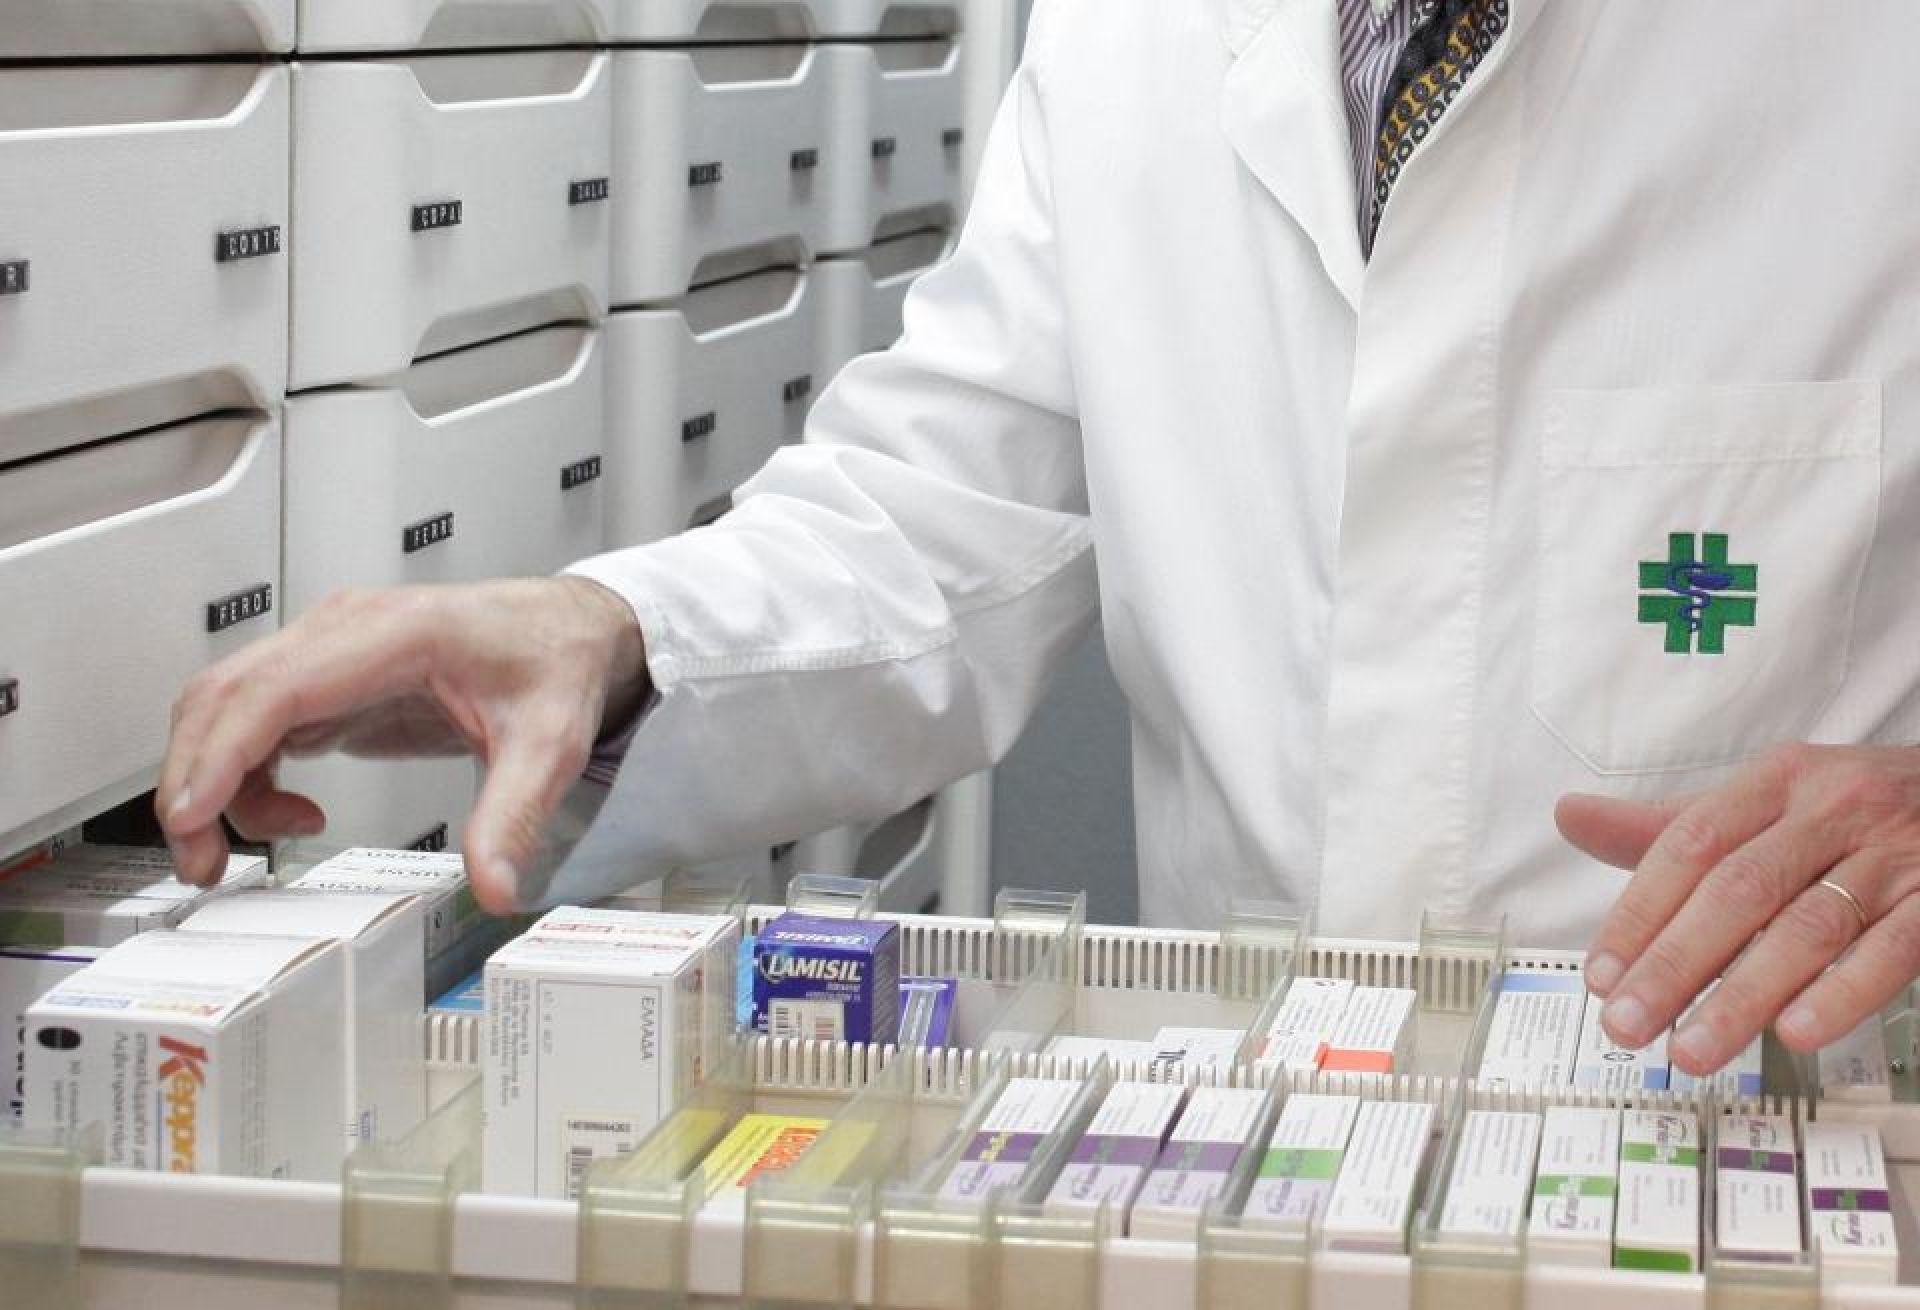 Τραγικές οι ελλείψεις φαρμάκων στα φαρμακεία .Ένα κουτί για τρεις ασθενείς